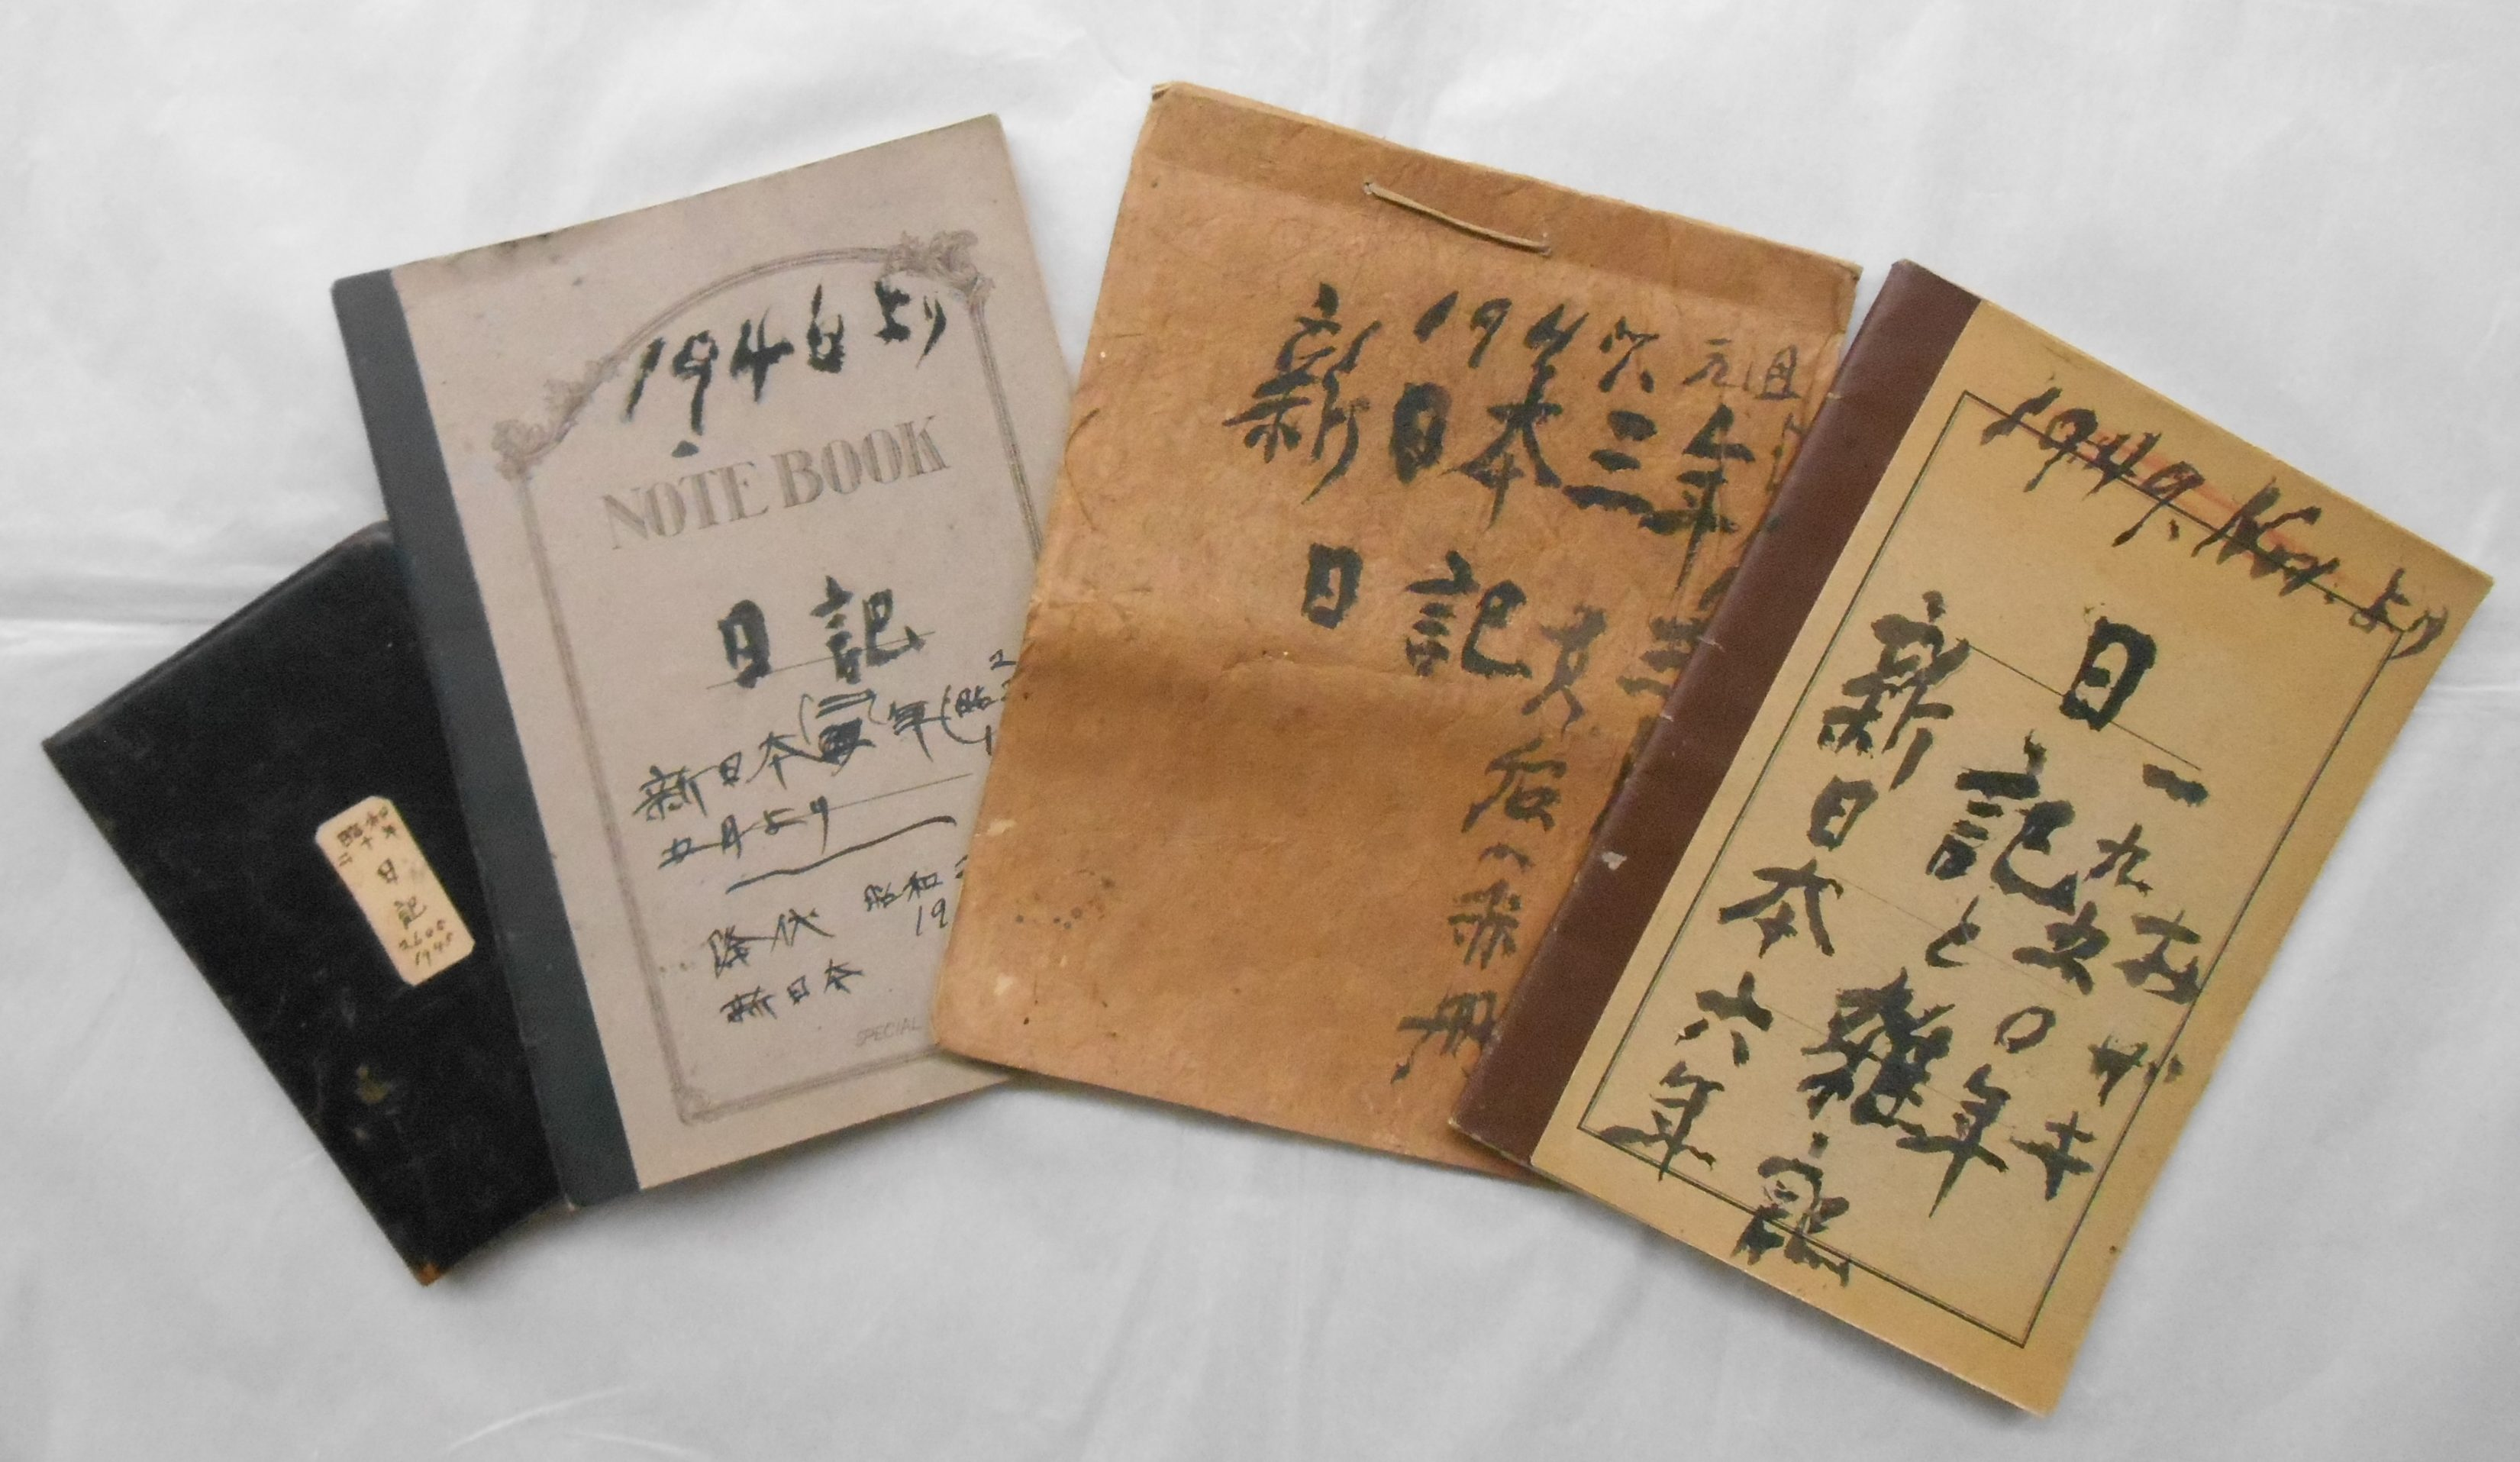 尾崎咢堂関係資料公開「戦後の日記帳」